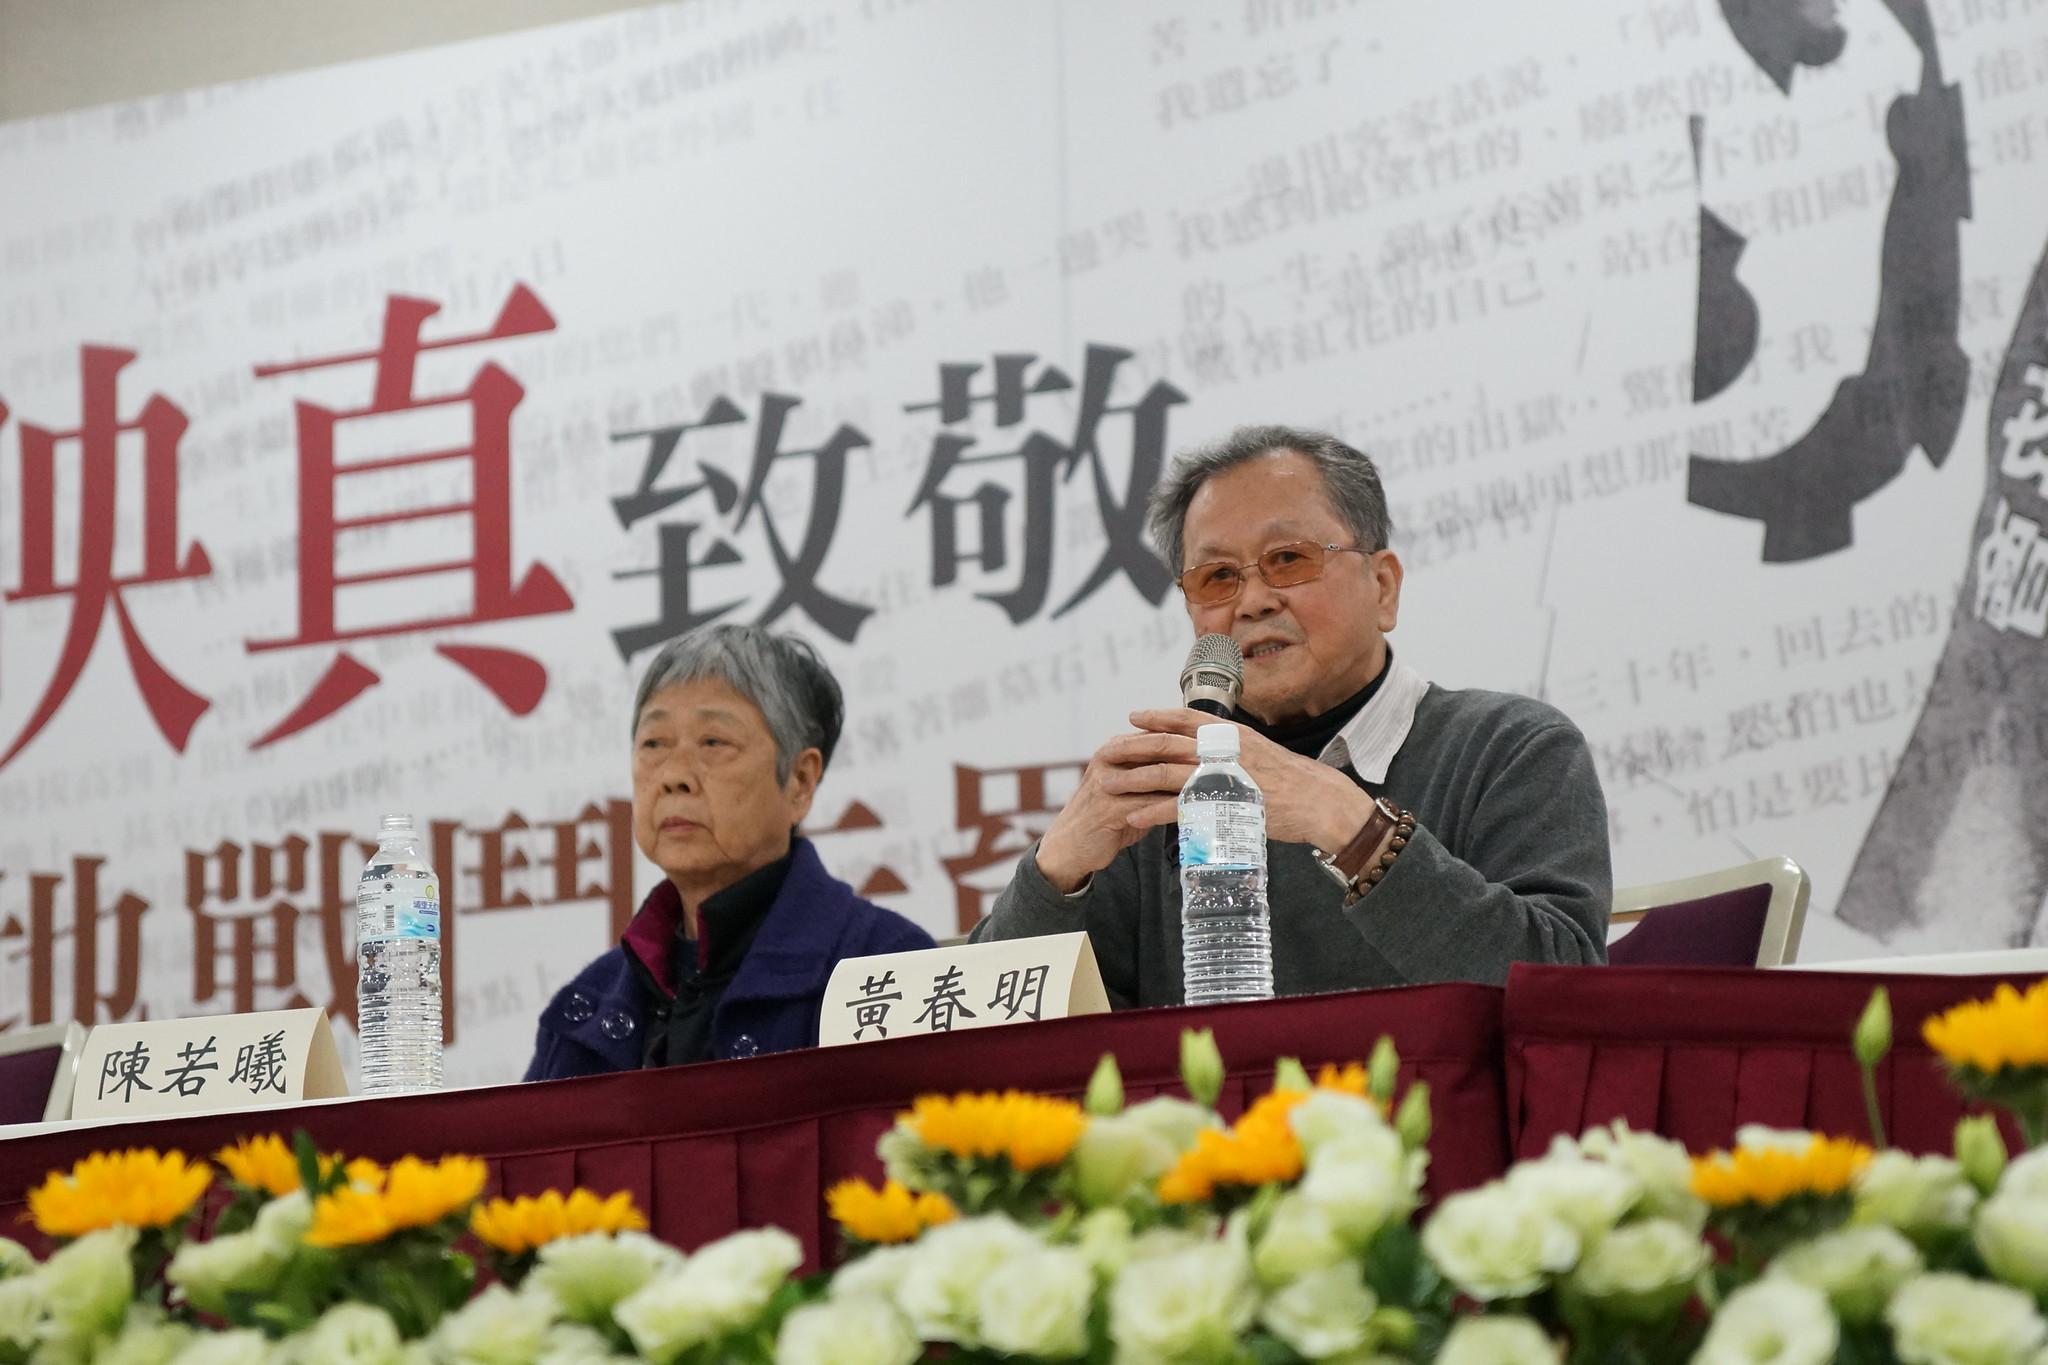 作家黃春明:陳映真一直是一個理想主義者。(攝影:王顥中)